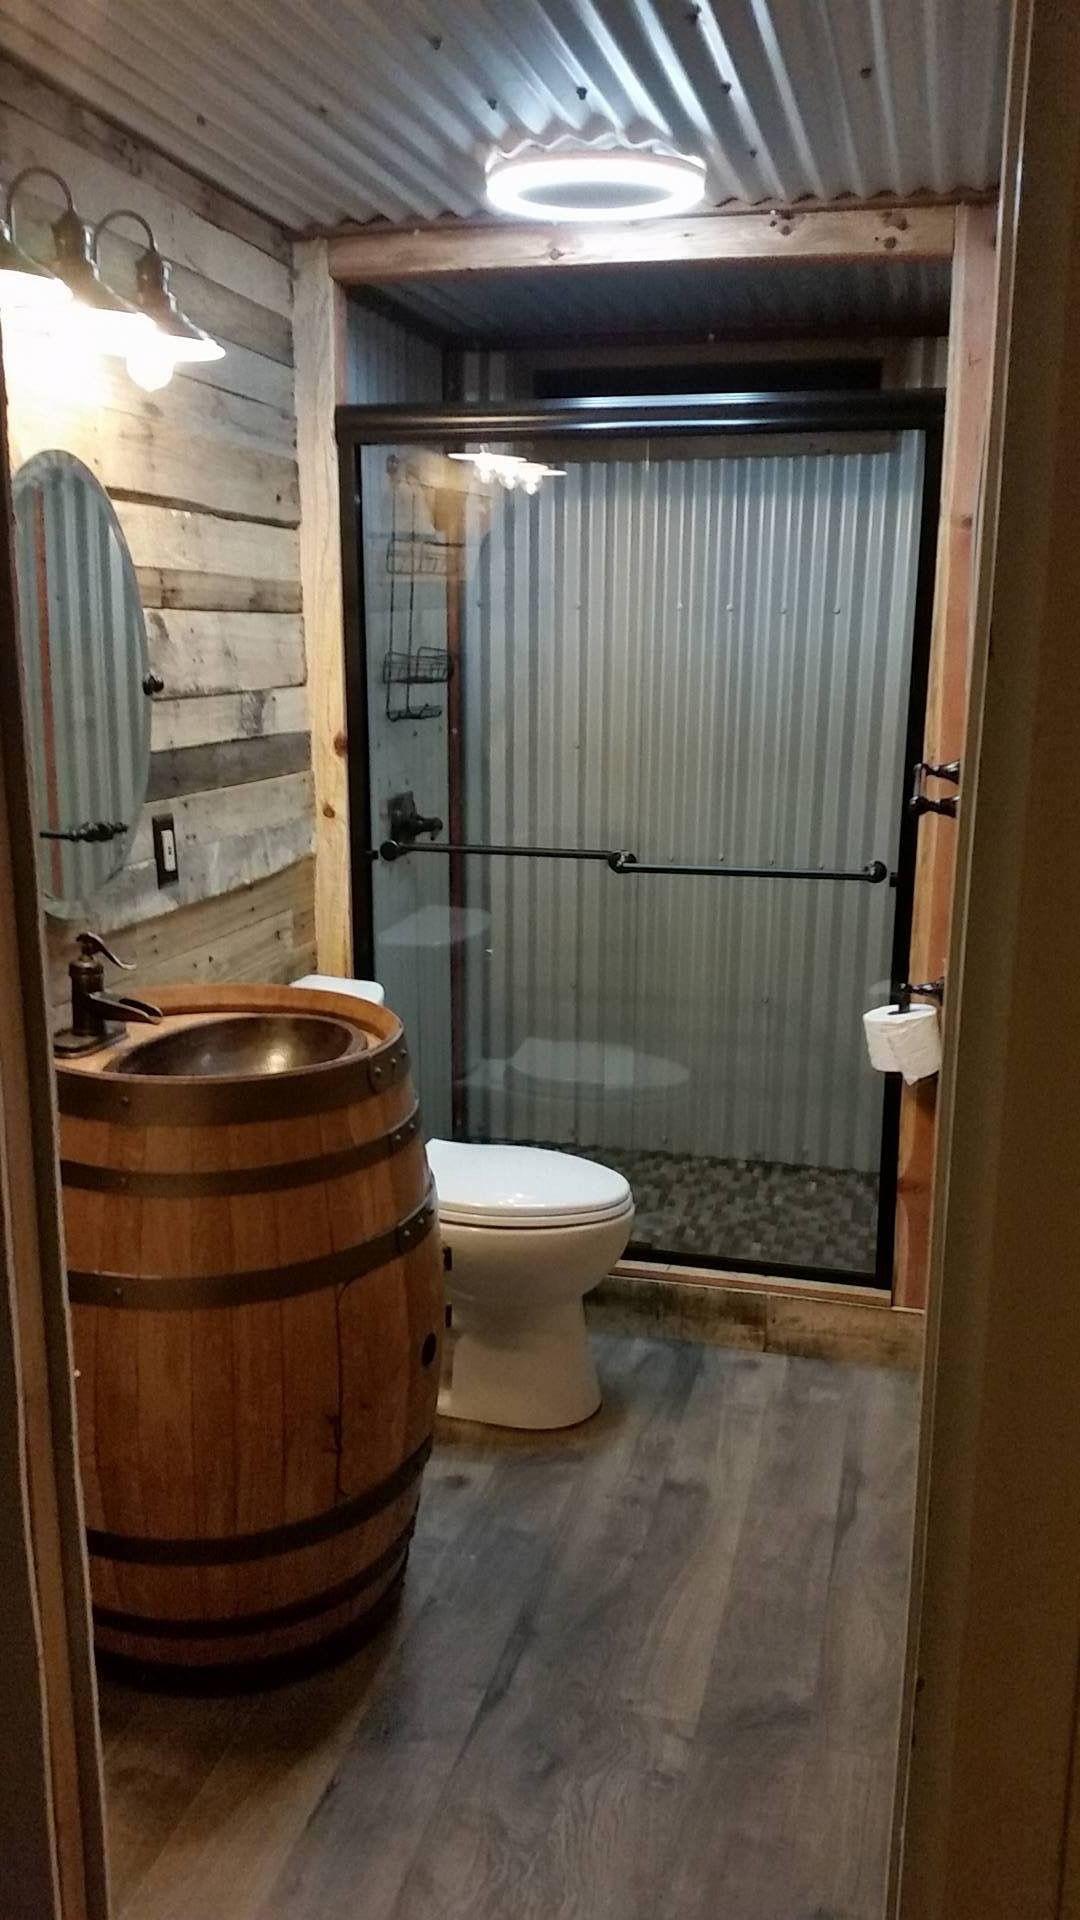 Pin von Kim Dill auf cabin   Pinterest   Badezimmer, Bäder und Wohnideen